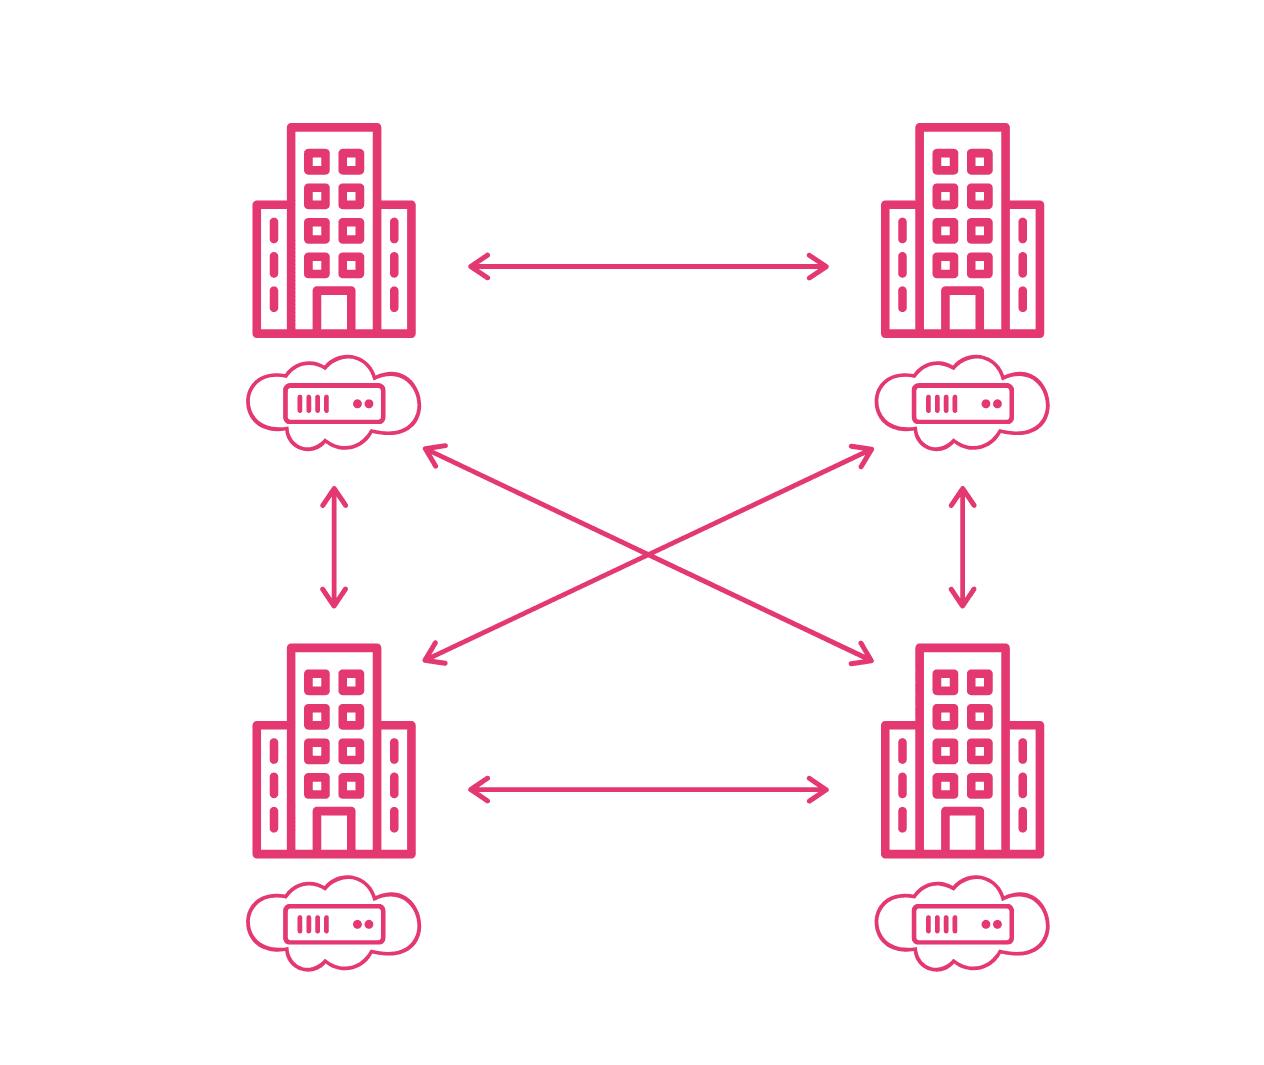 schéma d'un réseau d'entreprise LAN2LAN